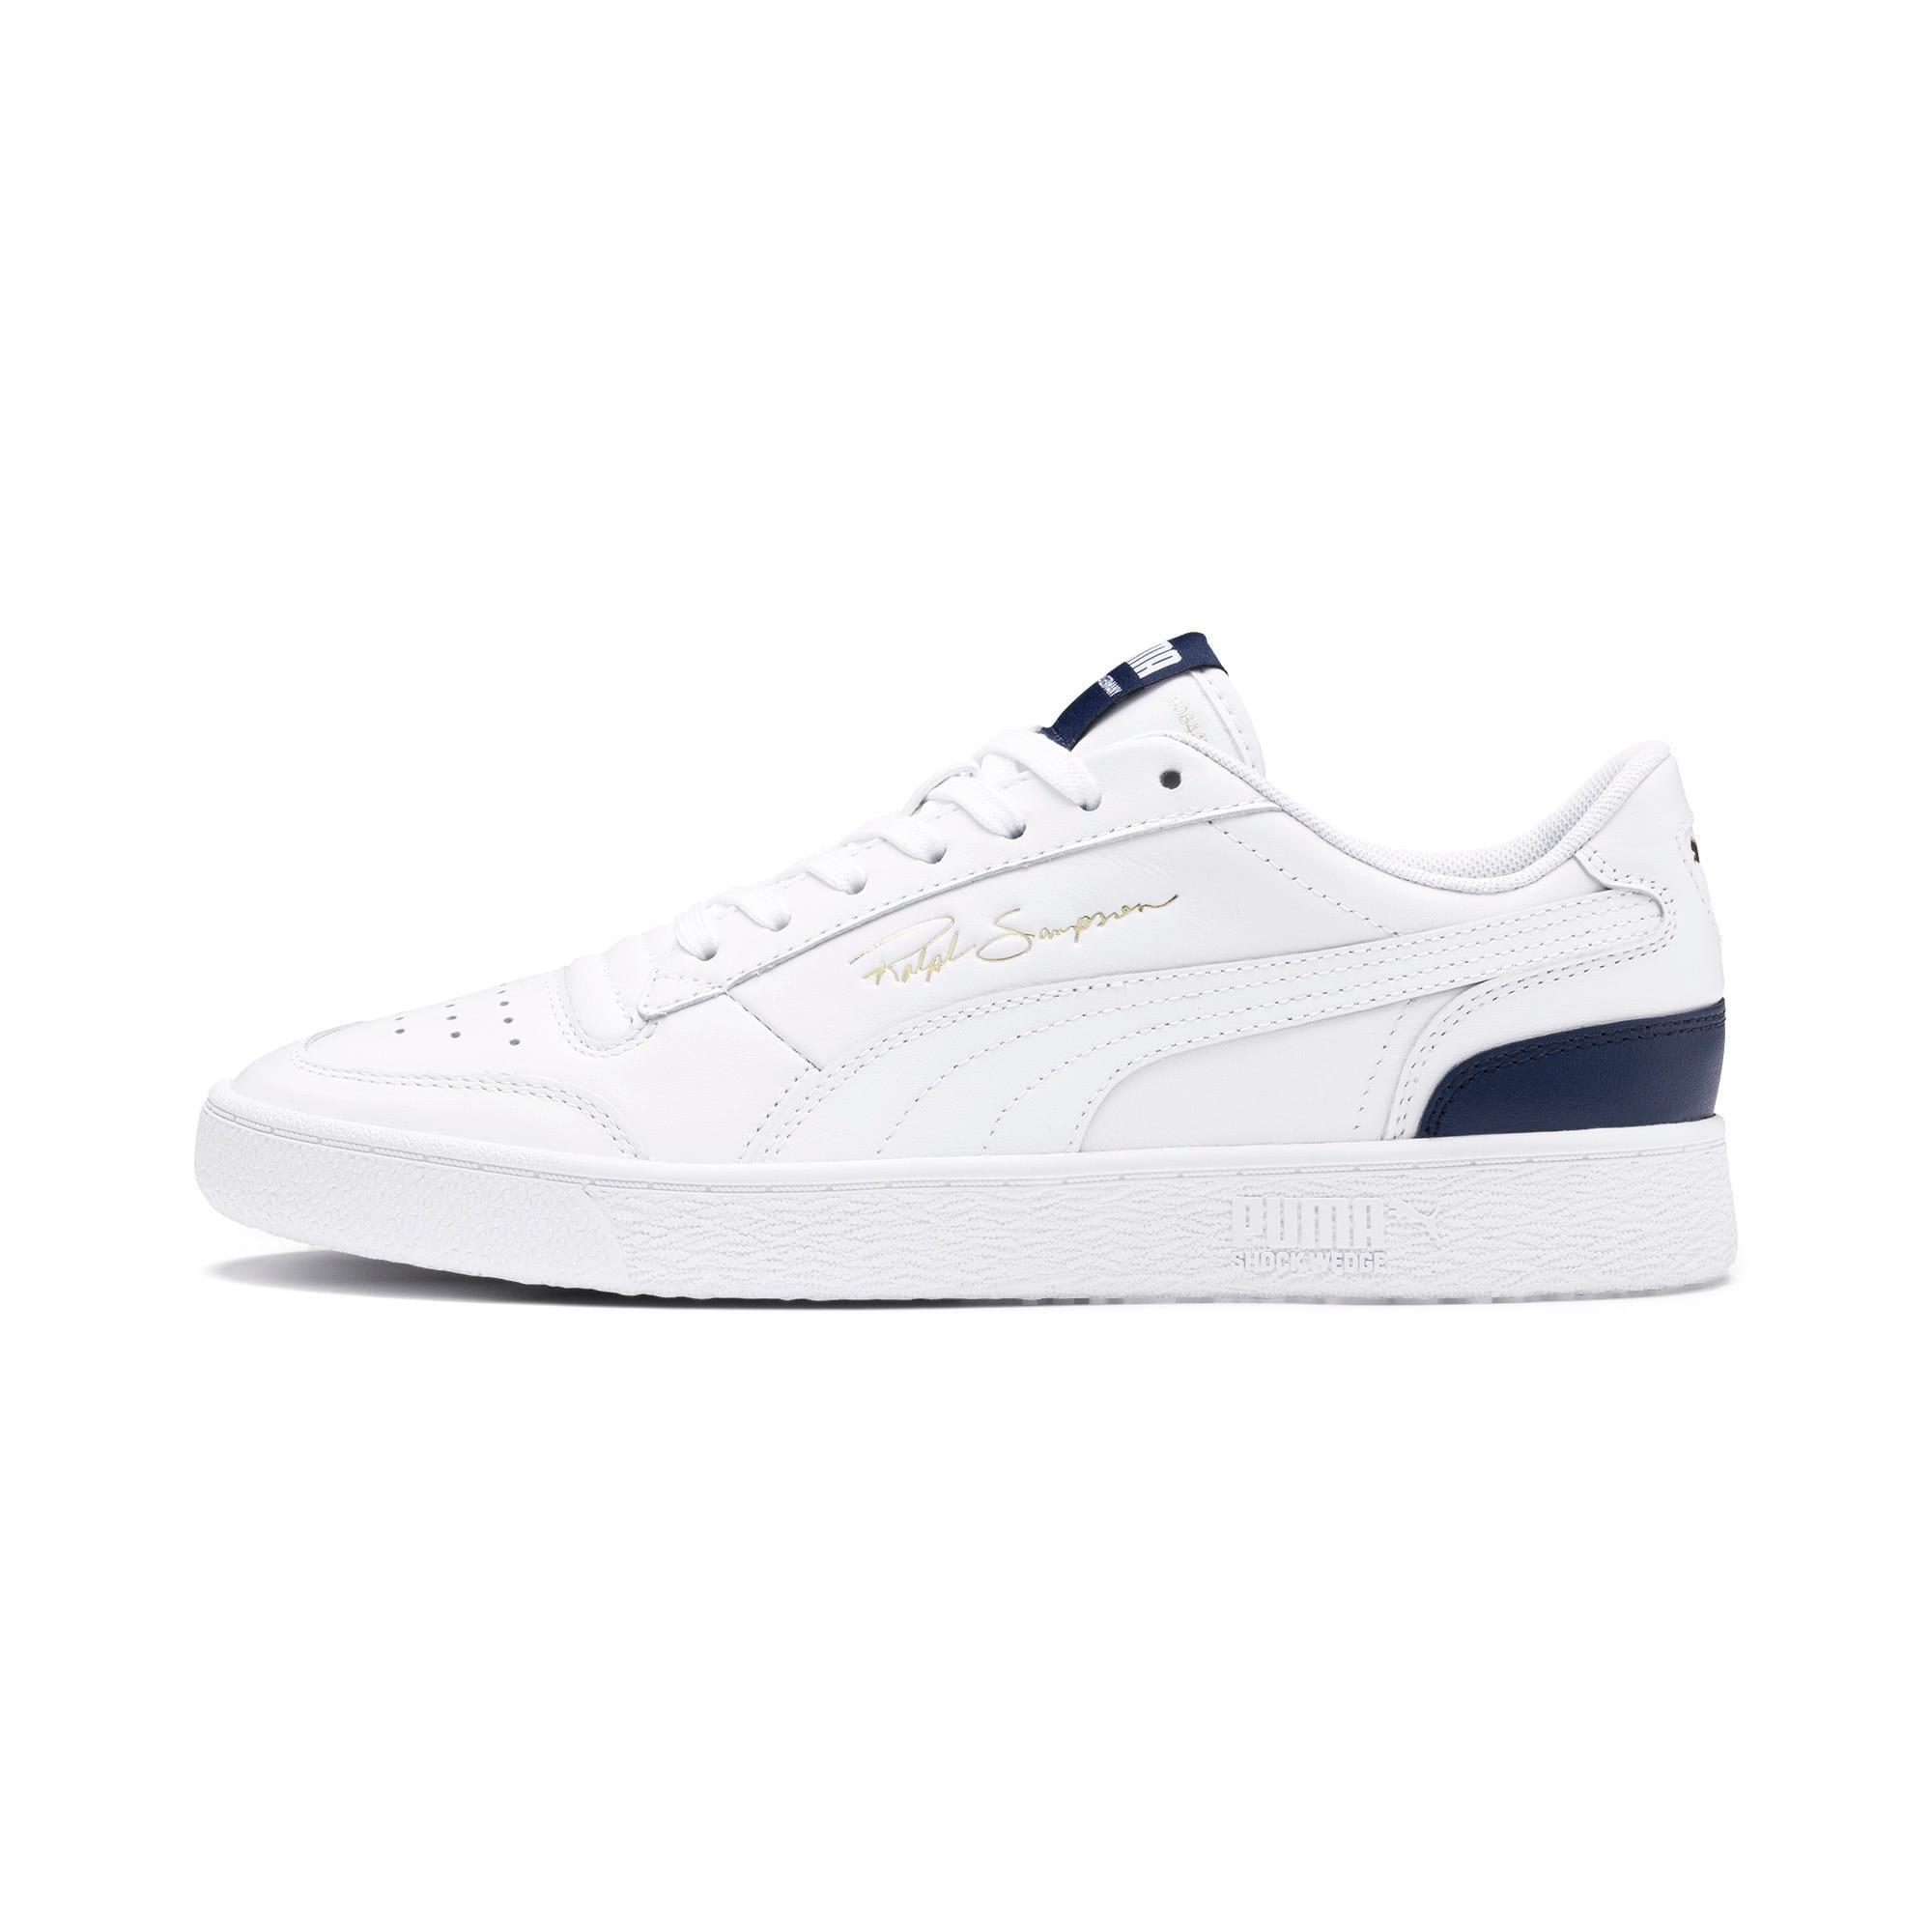 Miniatura 1 de Zapatos deportivosRalph Sampson Lo, Puma Wht-Peacoat-Puma Wht, mediano